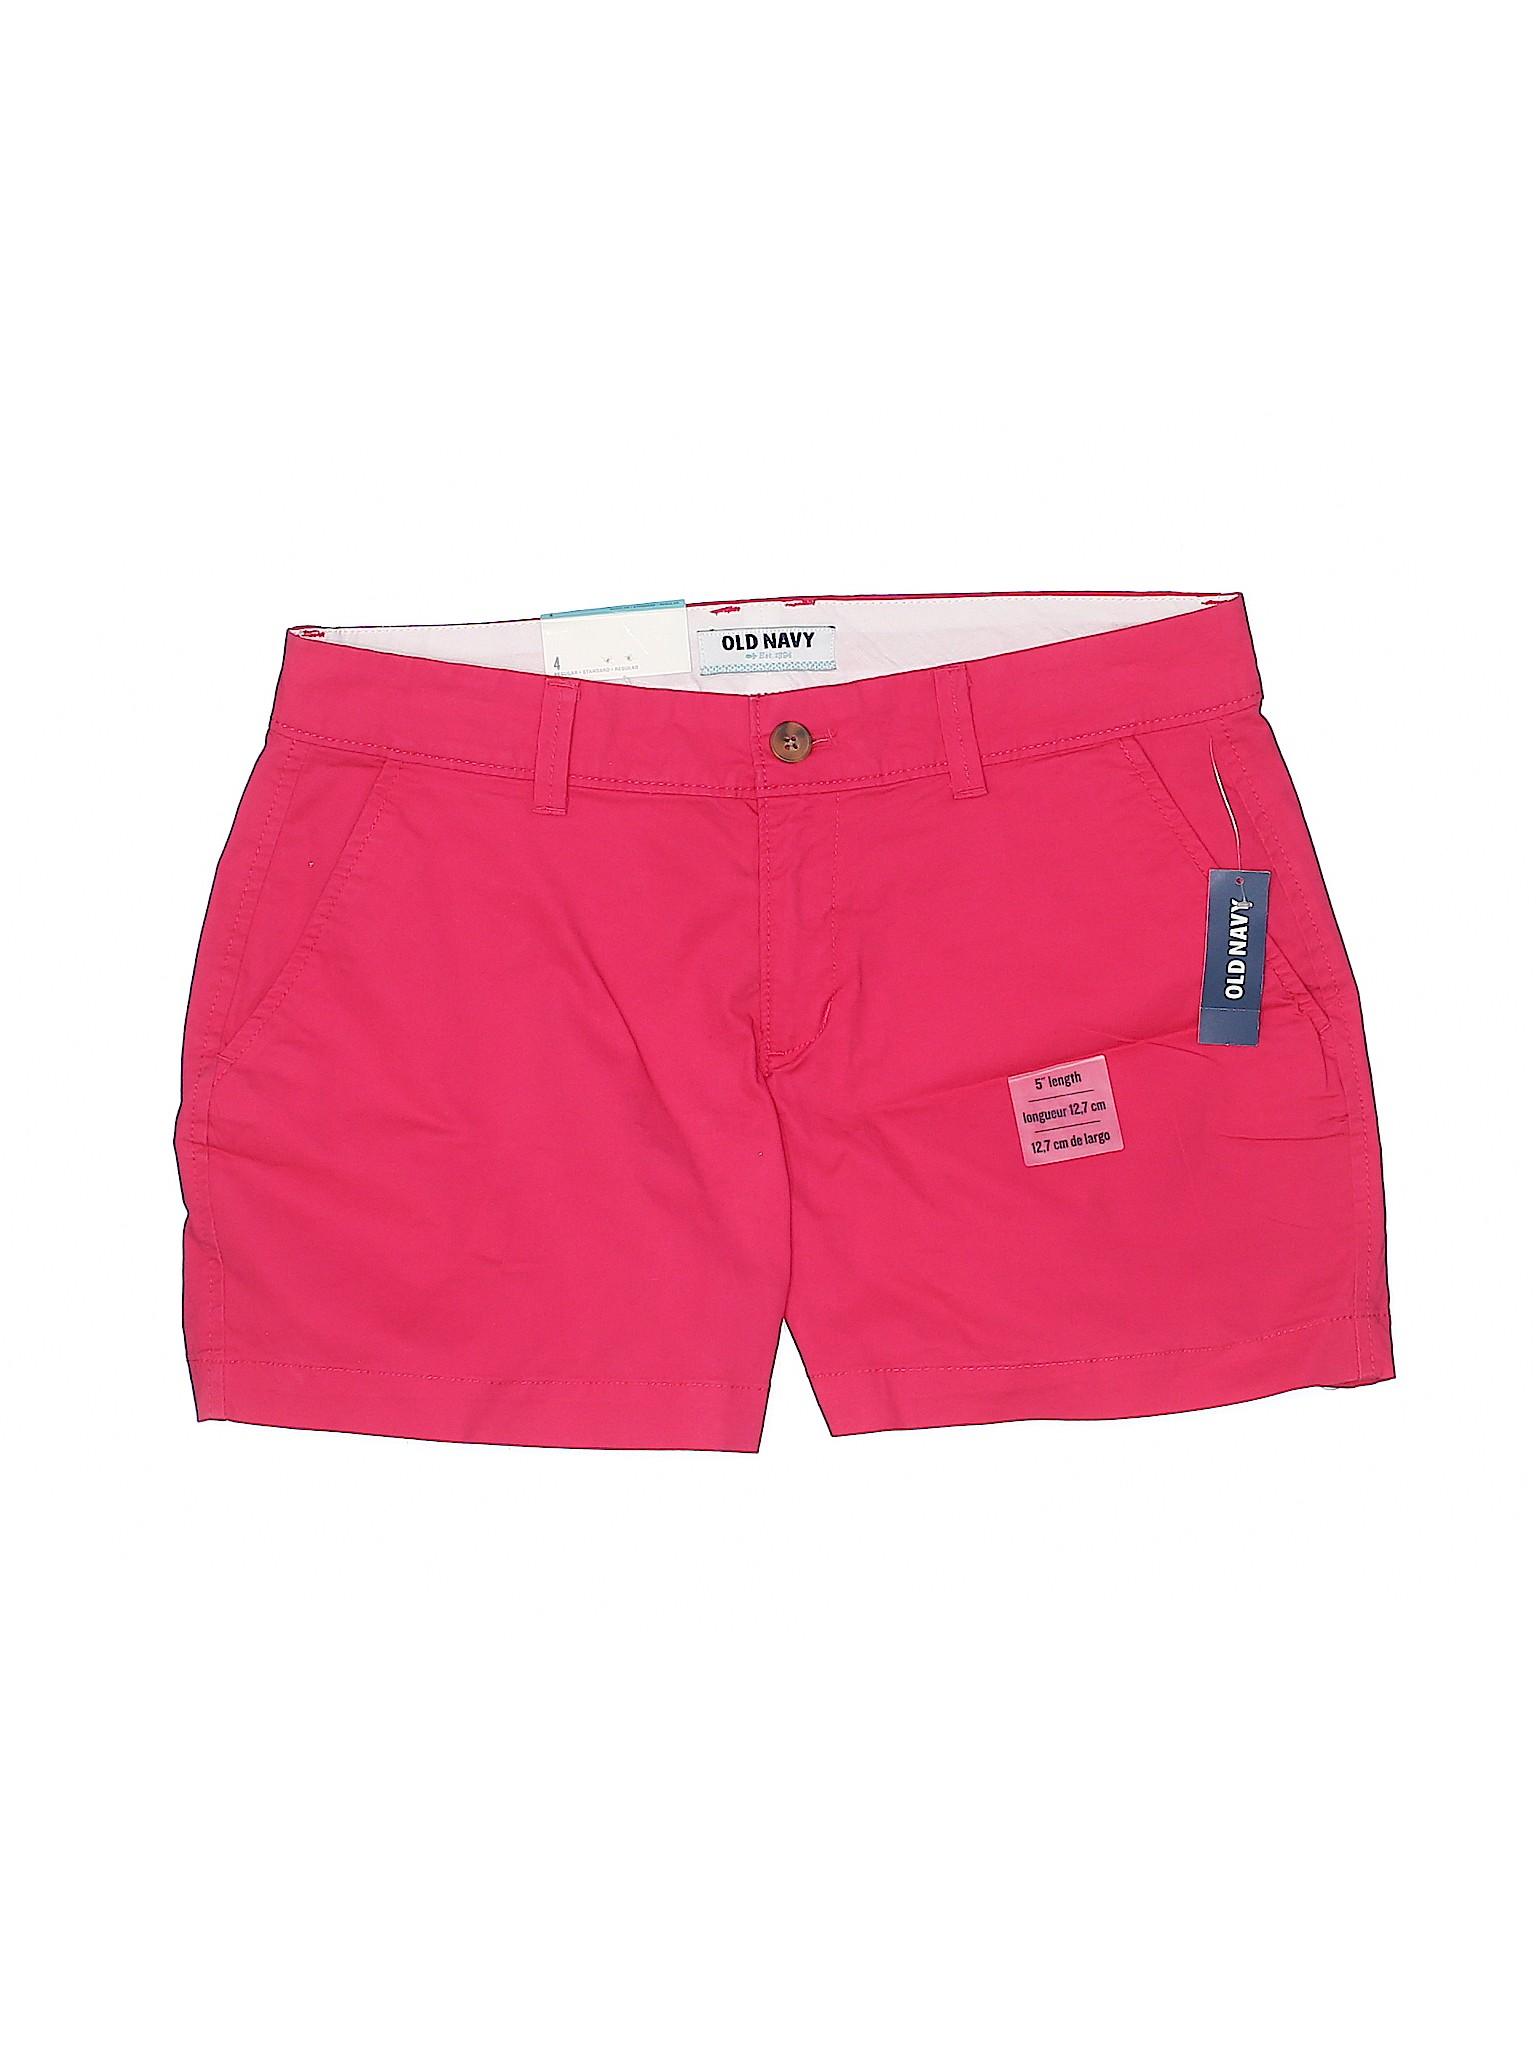 Old Shorts Boutique Khaki winter Navy 5TXxXS